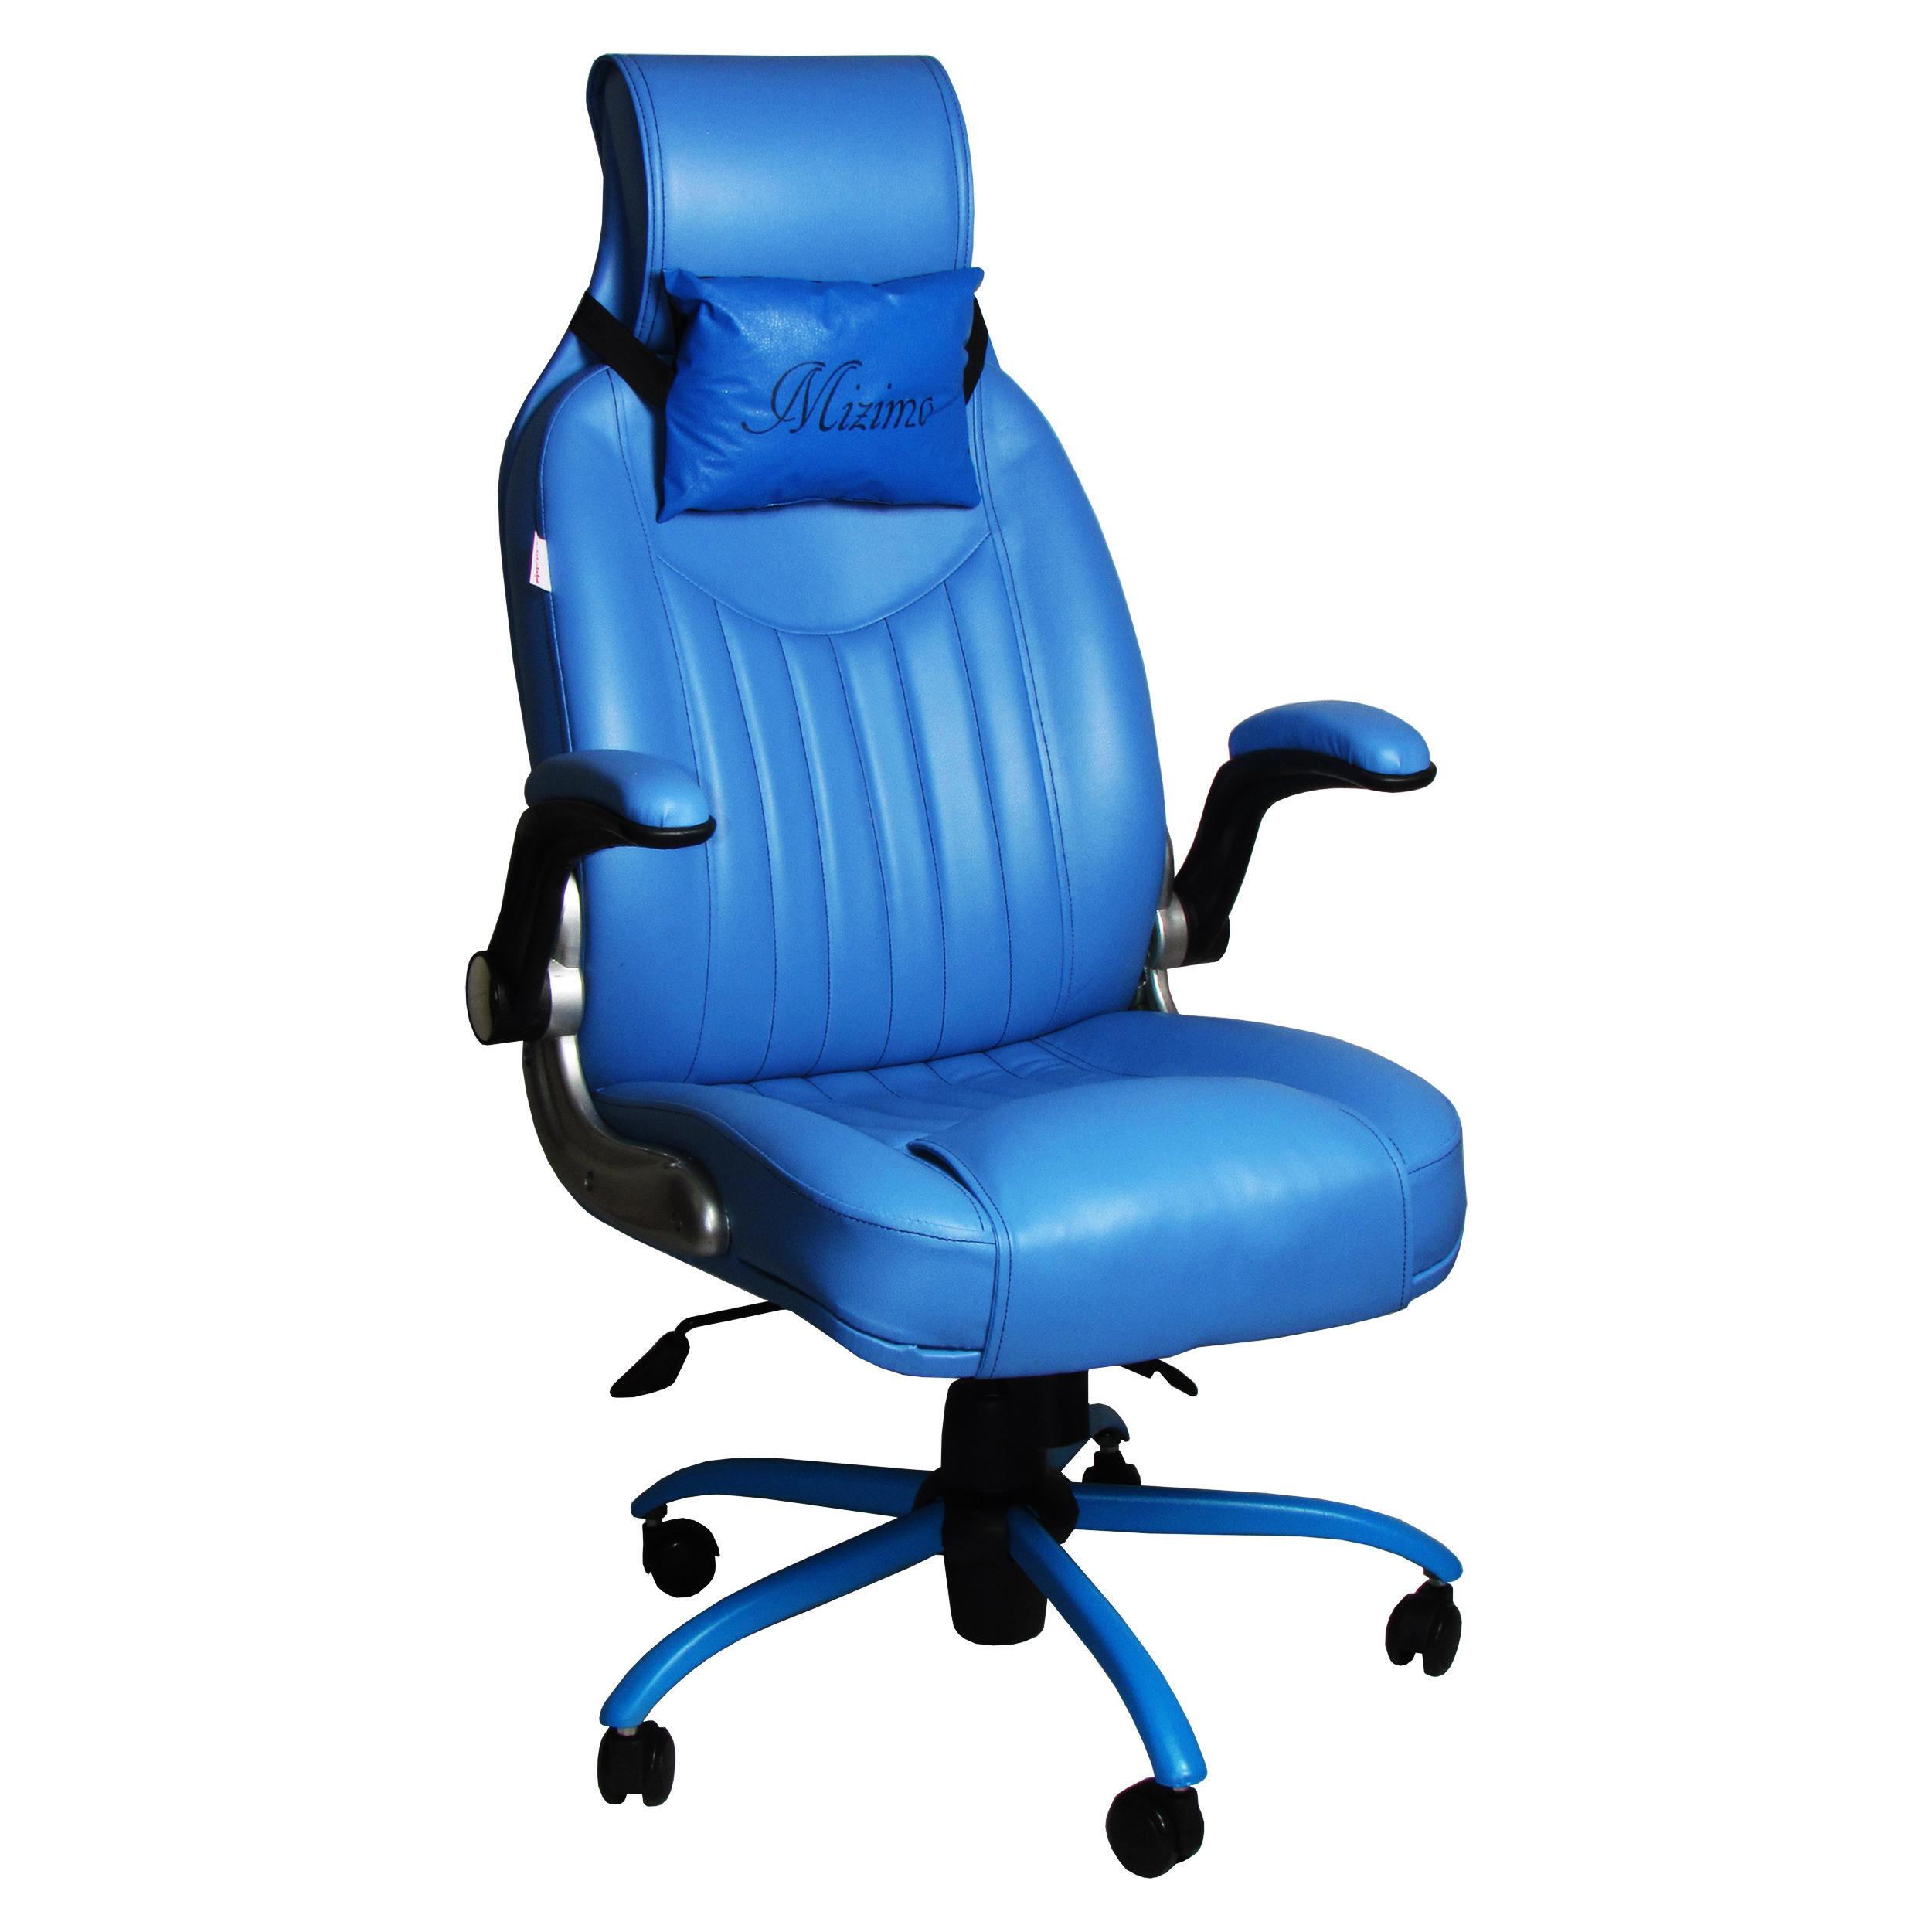 صندلی گیمینگ میزیمو مدل B 2020